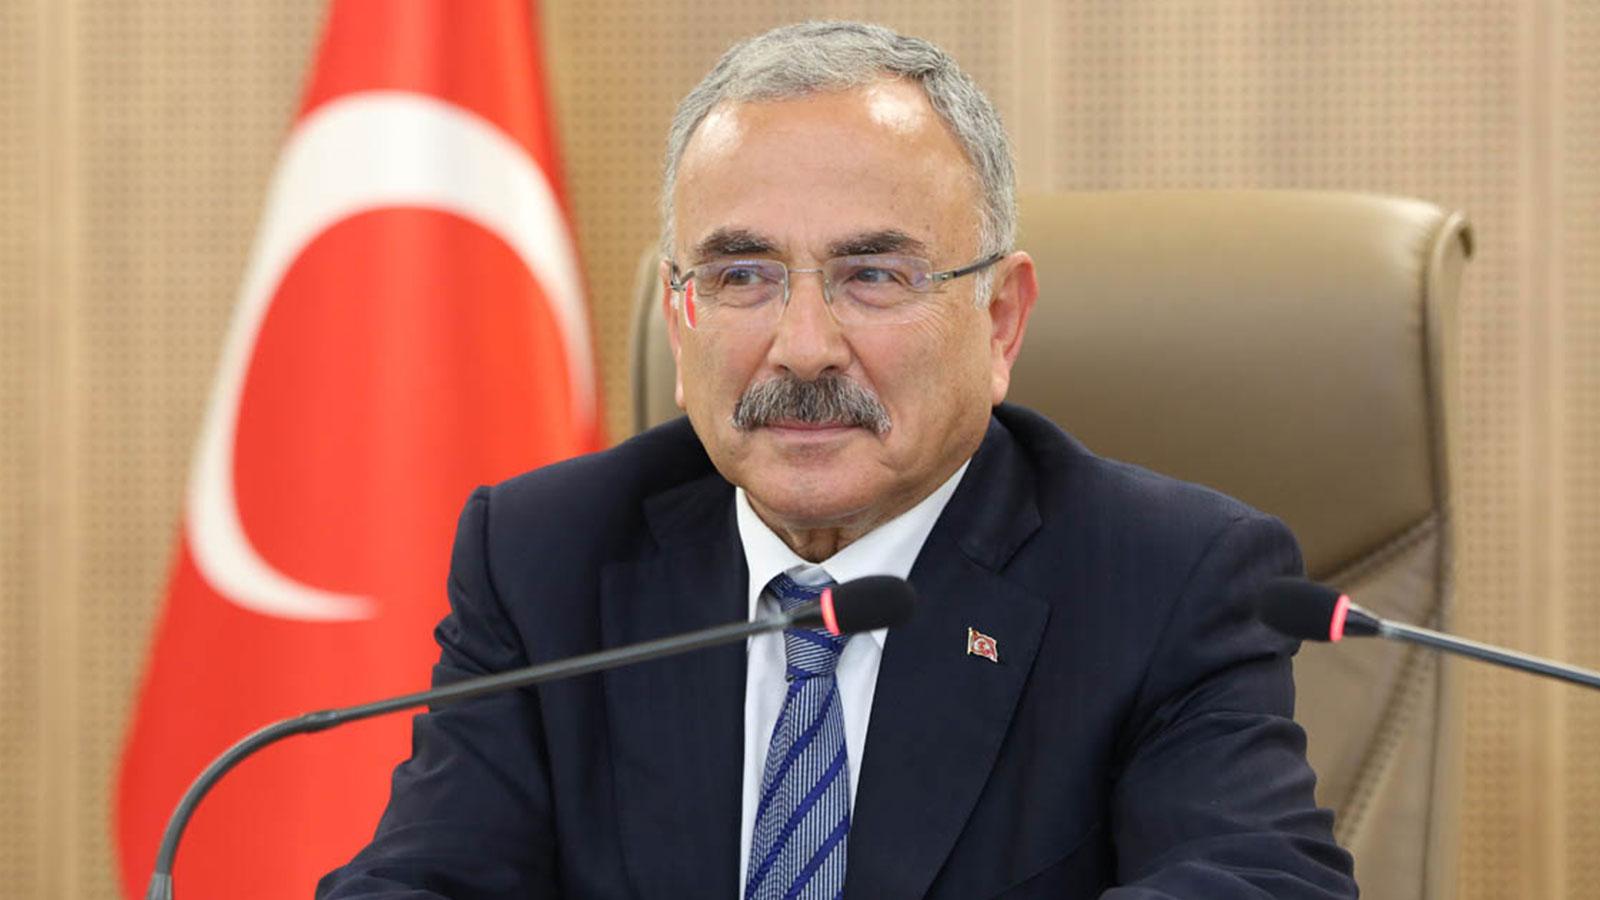 3 ayrı koltuğu, 4 ayrı maaşı olan AKP'li Ordu Belediye Başkanı: Aldığım para o kadar da değil